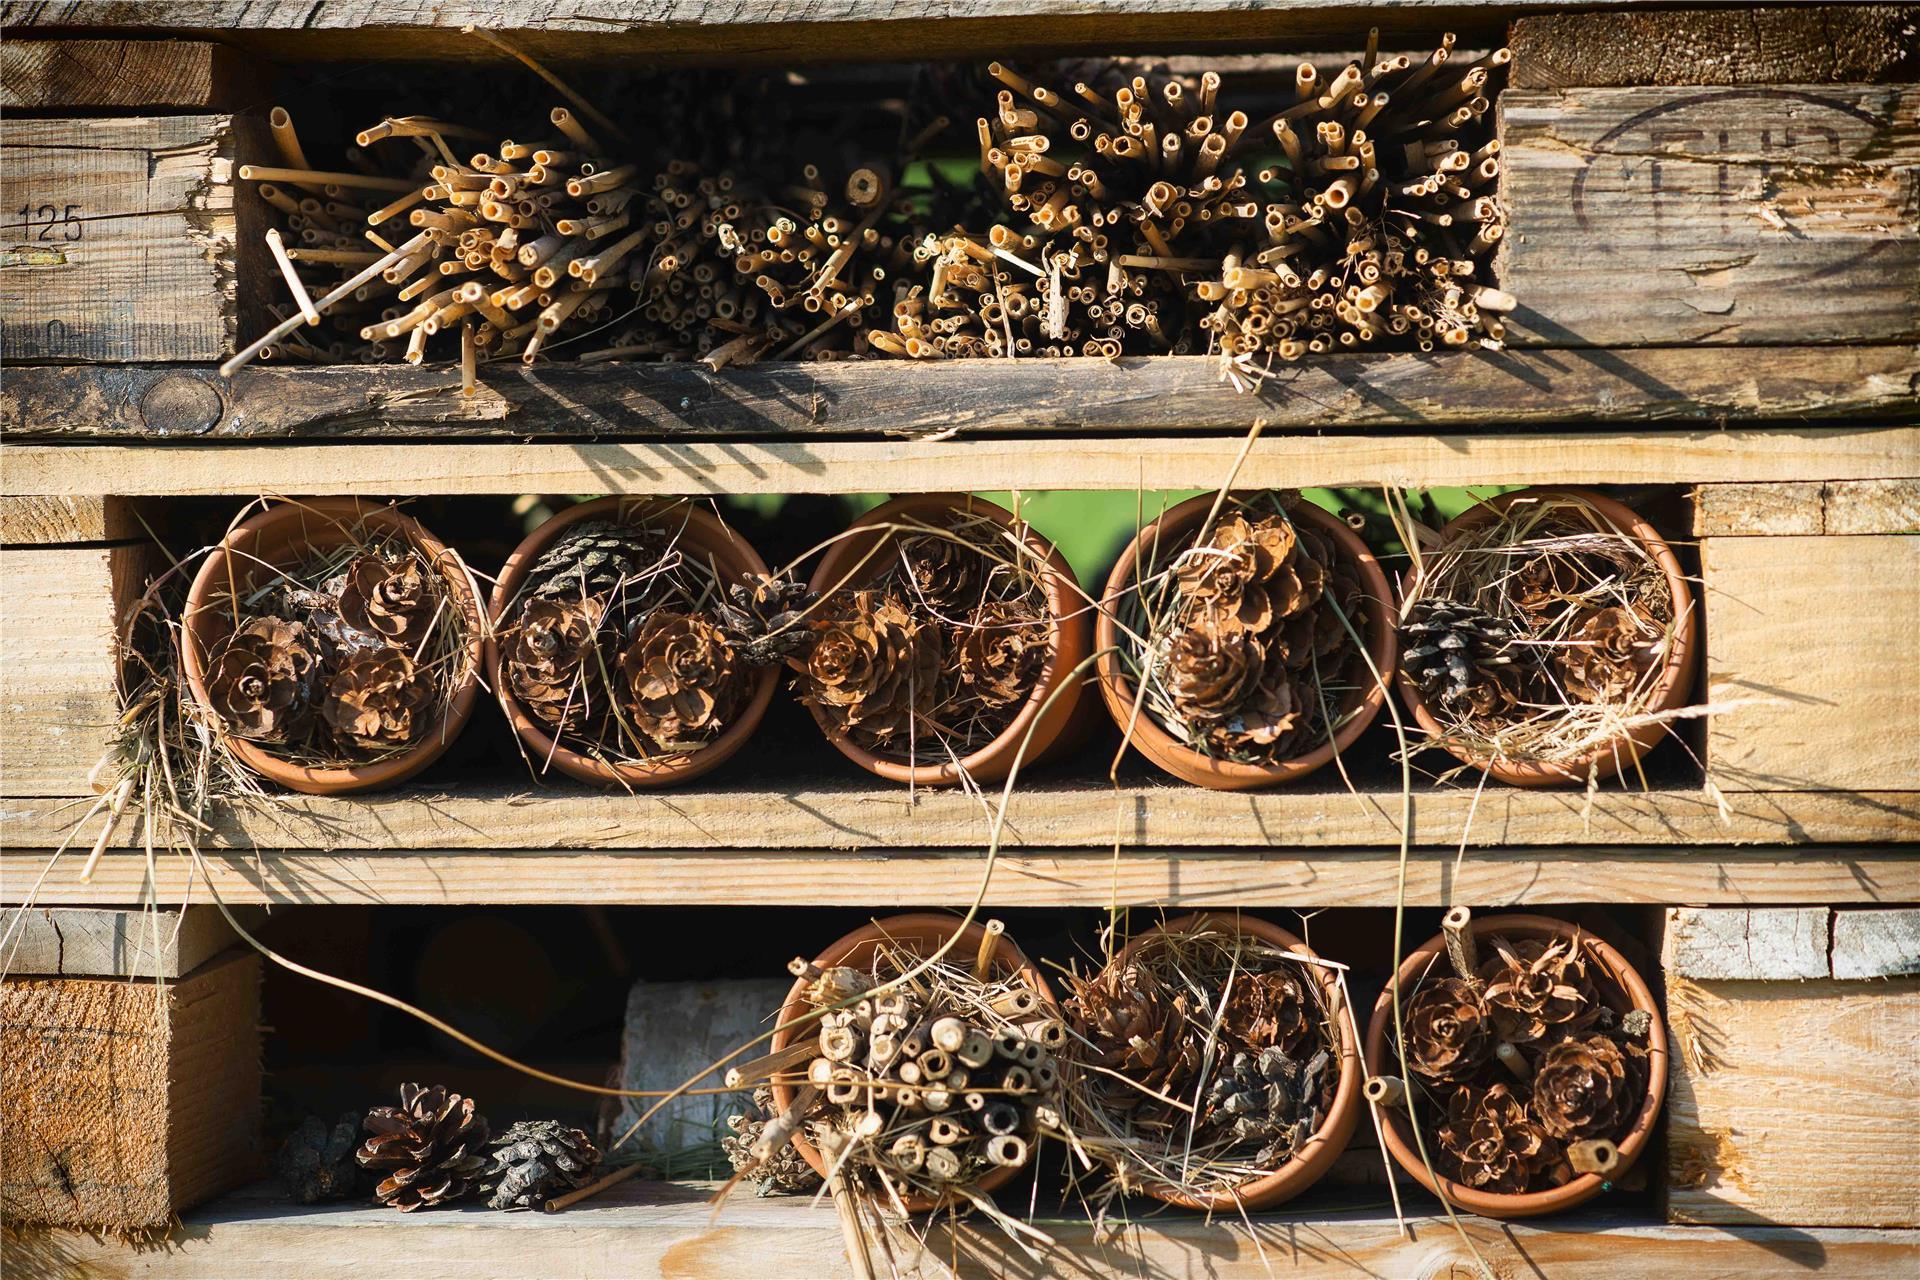 Duurzaam_Meerhoven_cheque170524_BDJ4470_insectenhotel.jpg